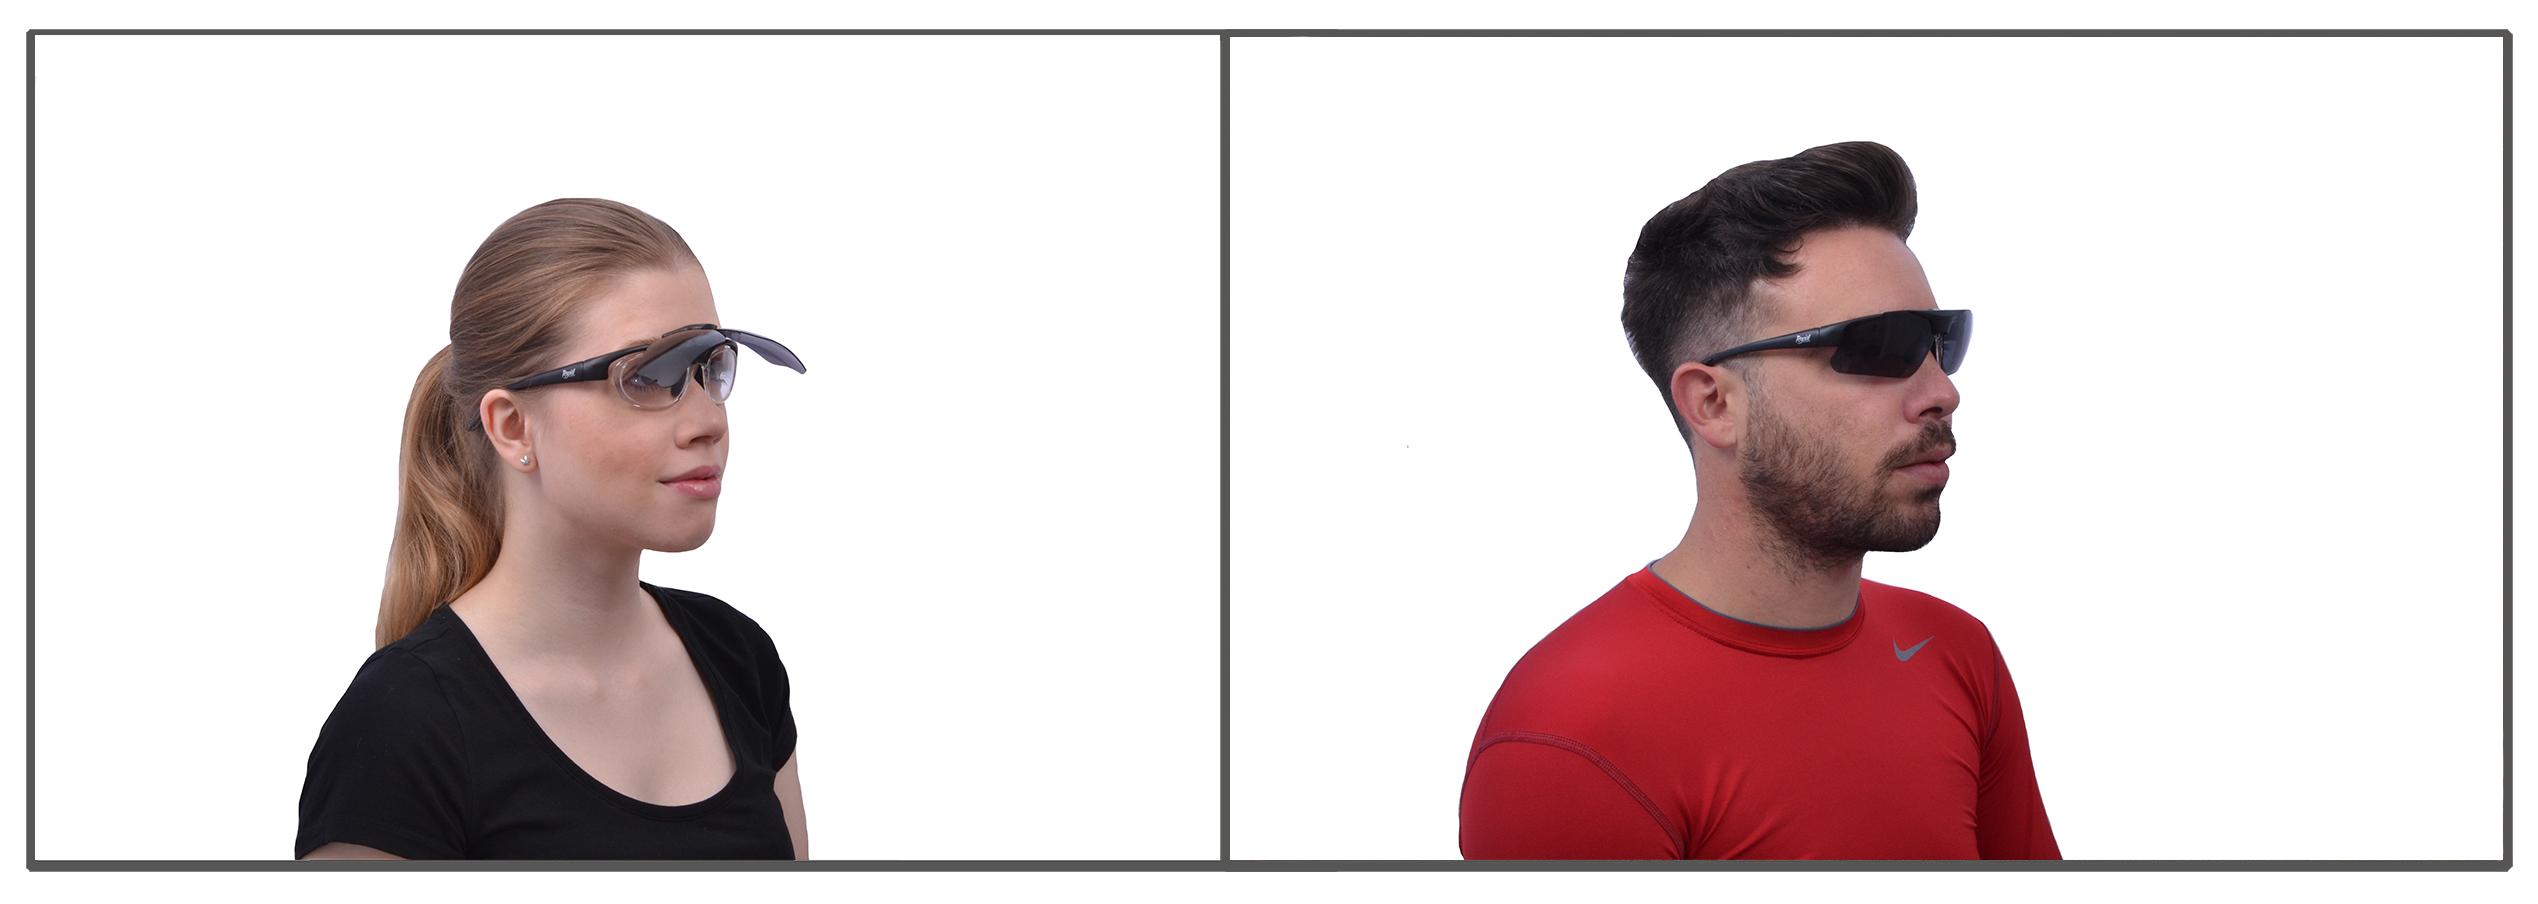 Prescription Sports Sunglasses